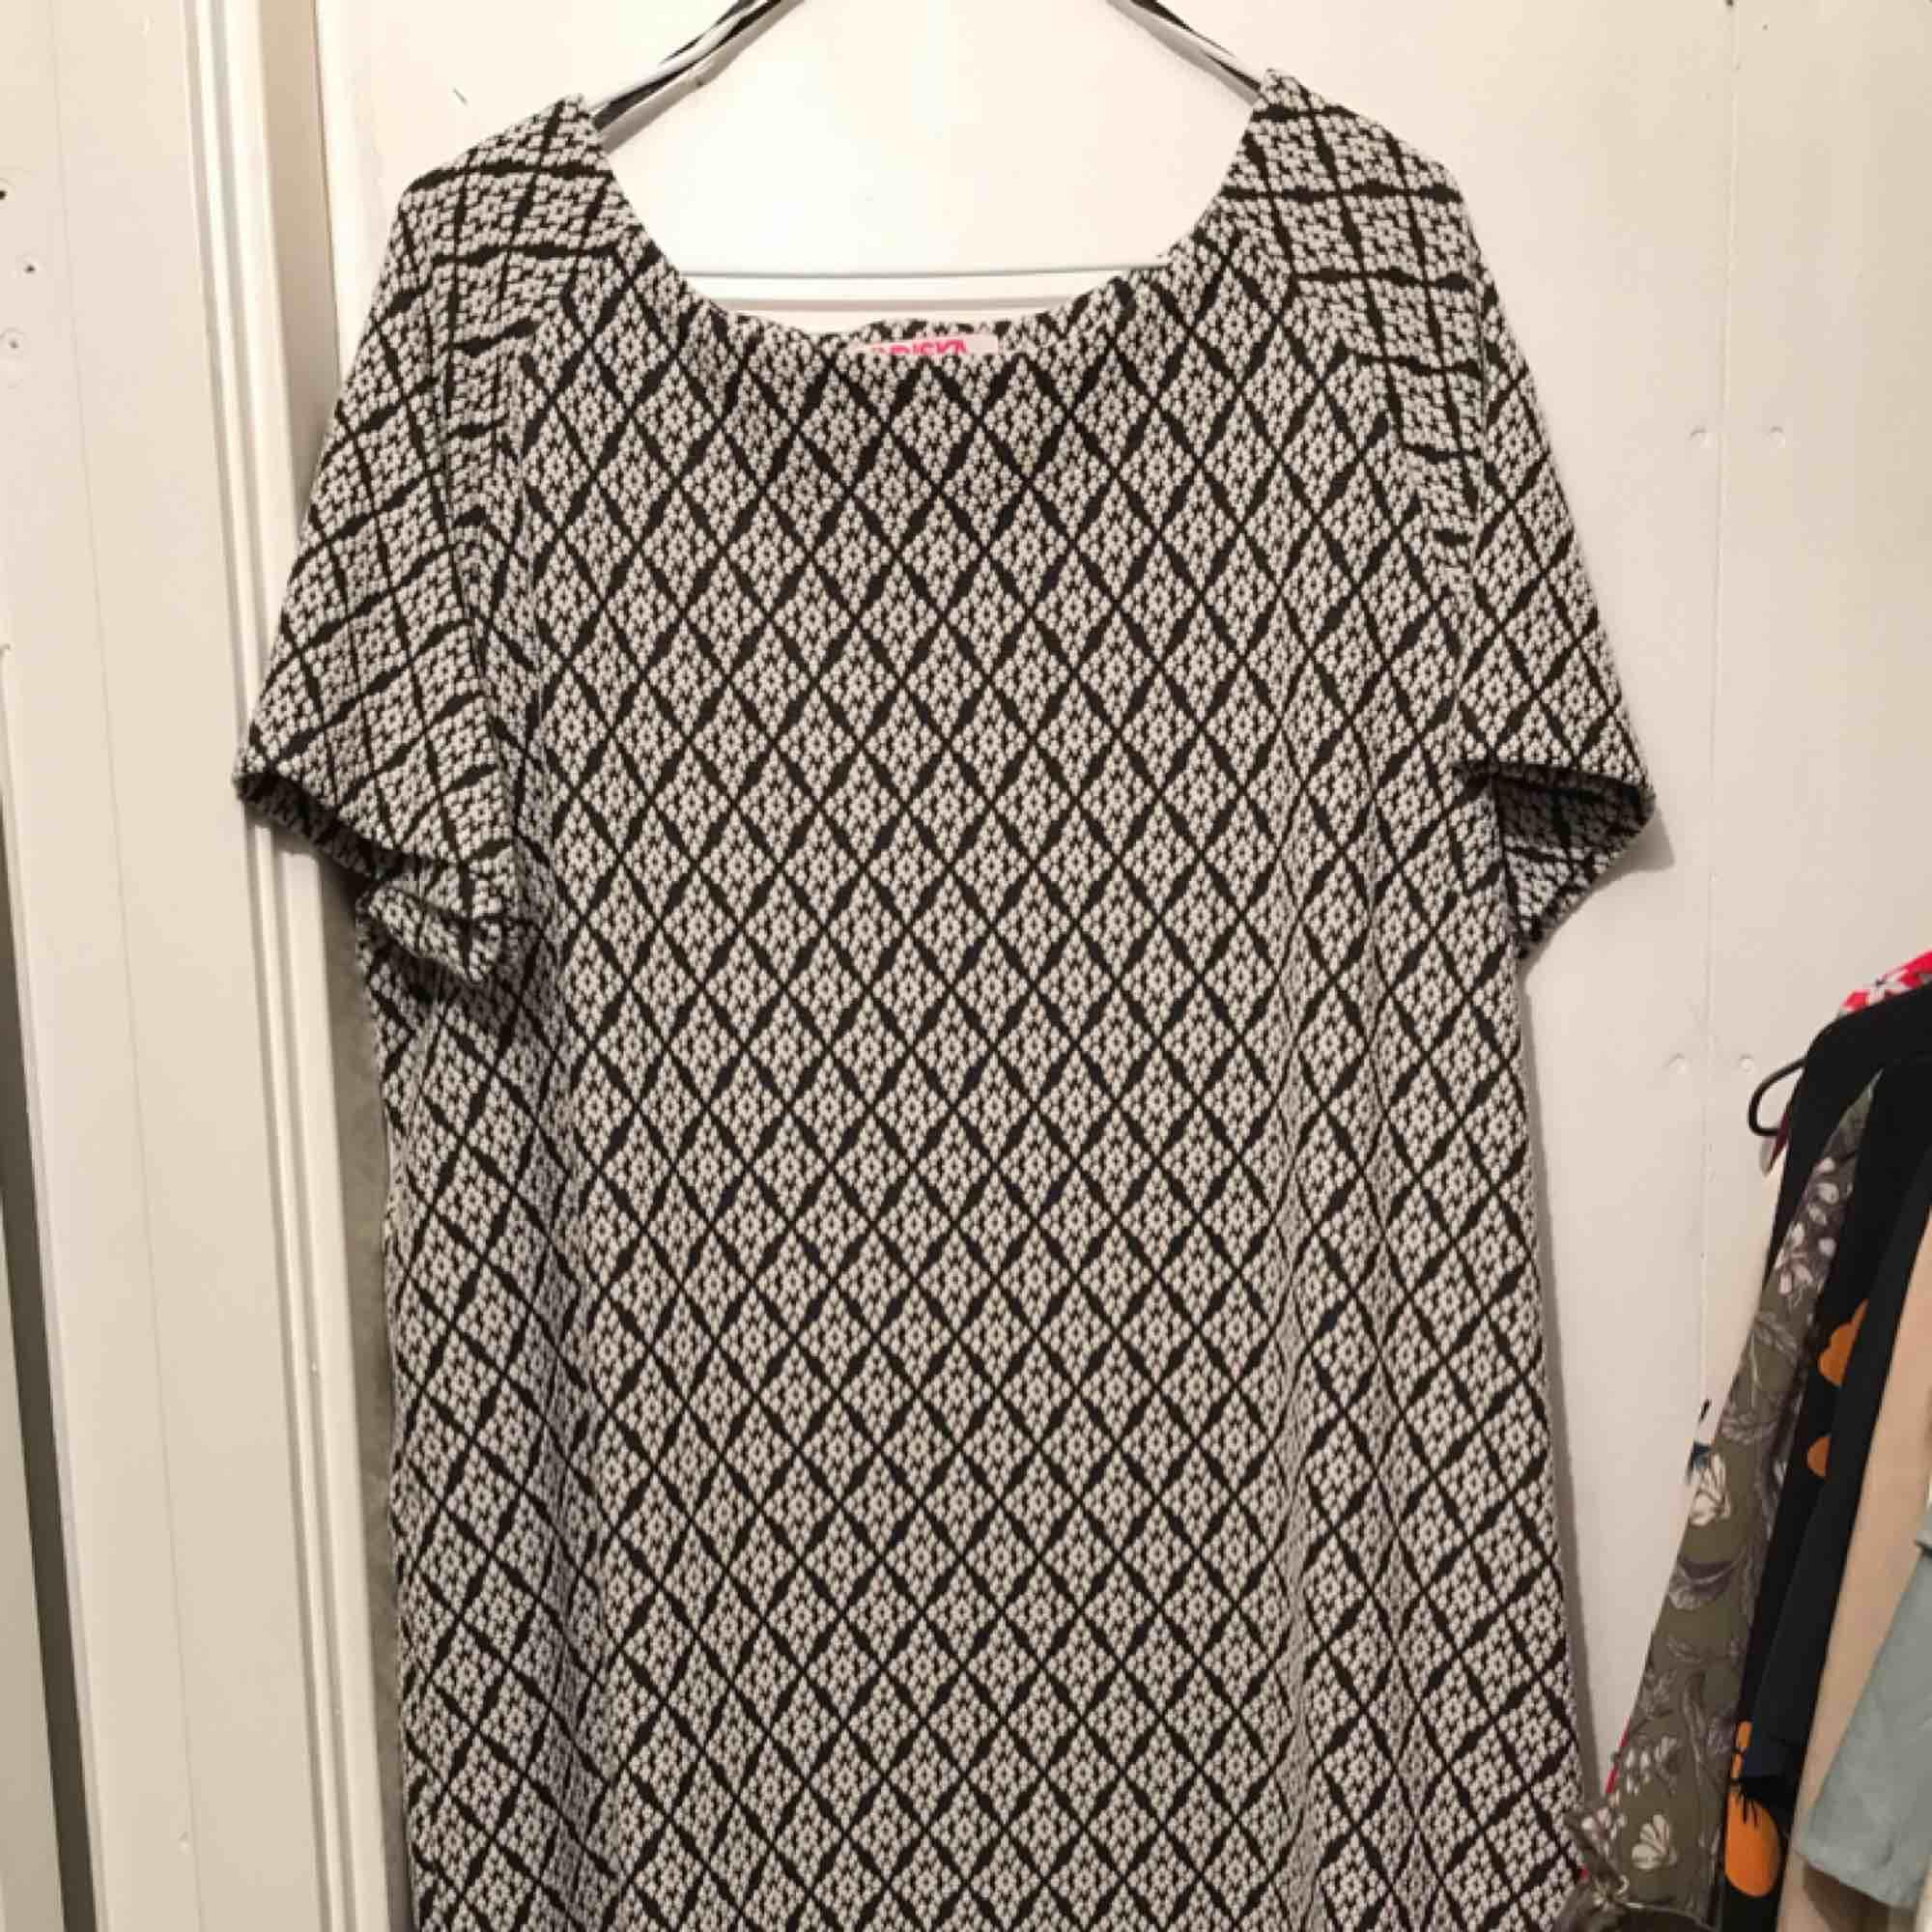 Härlig svartvitmönstrad klänning från indiska i skönt tjockt material. Sparsamt använd och utan skavanker. Frakt inom Sverige ingår.. Klänningar.